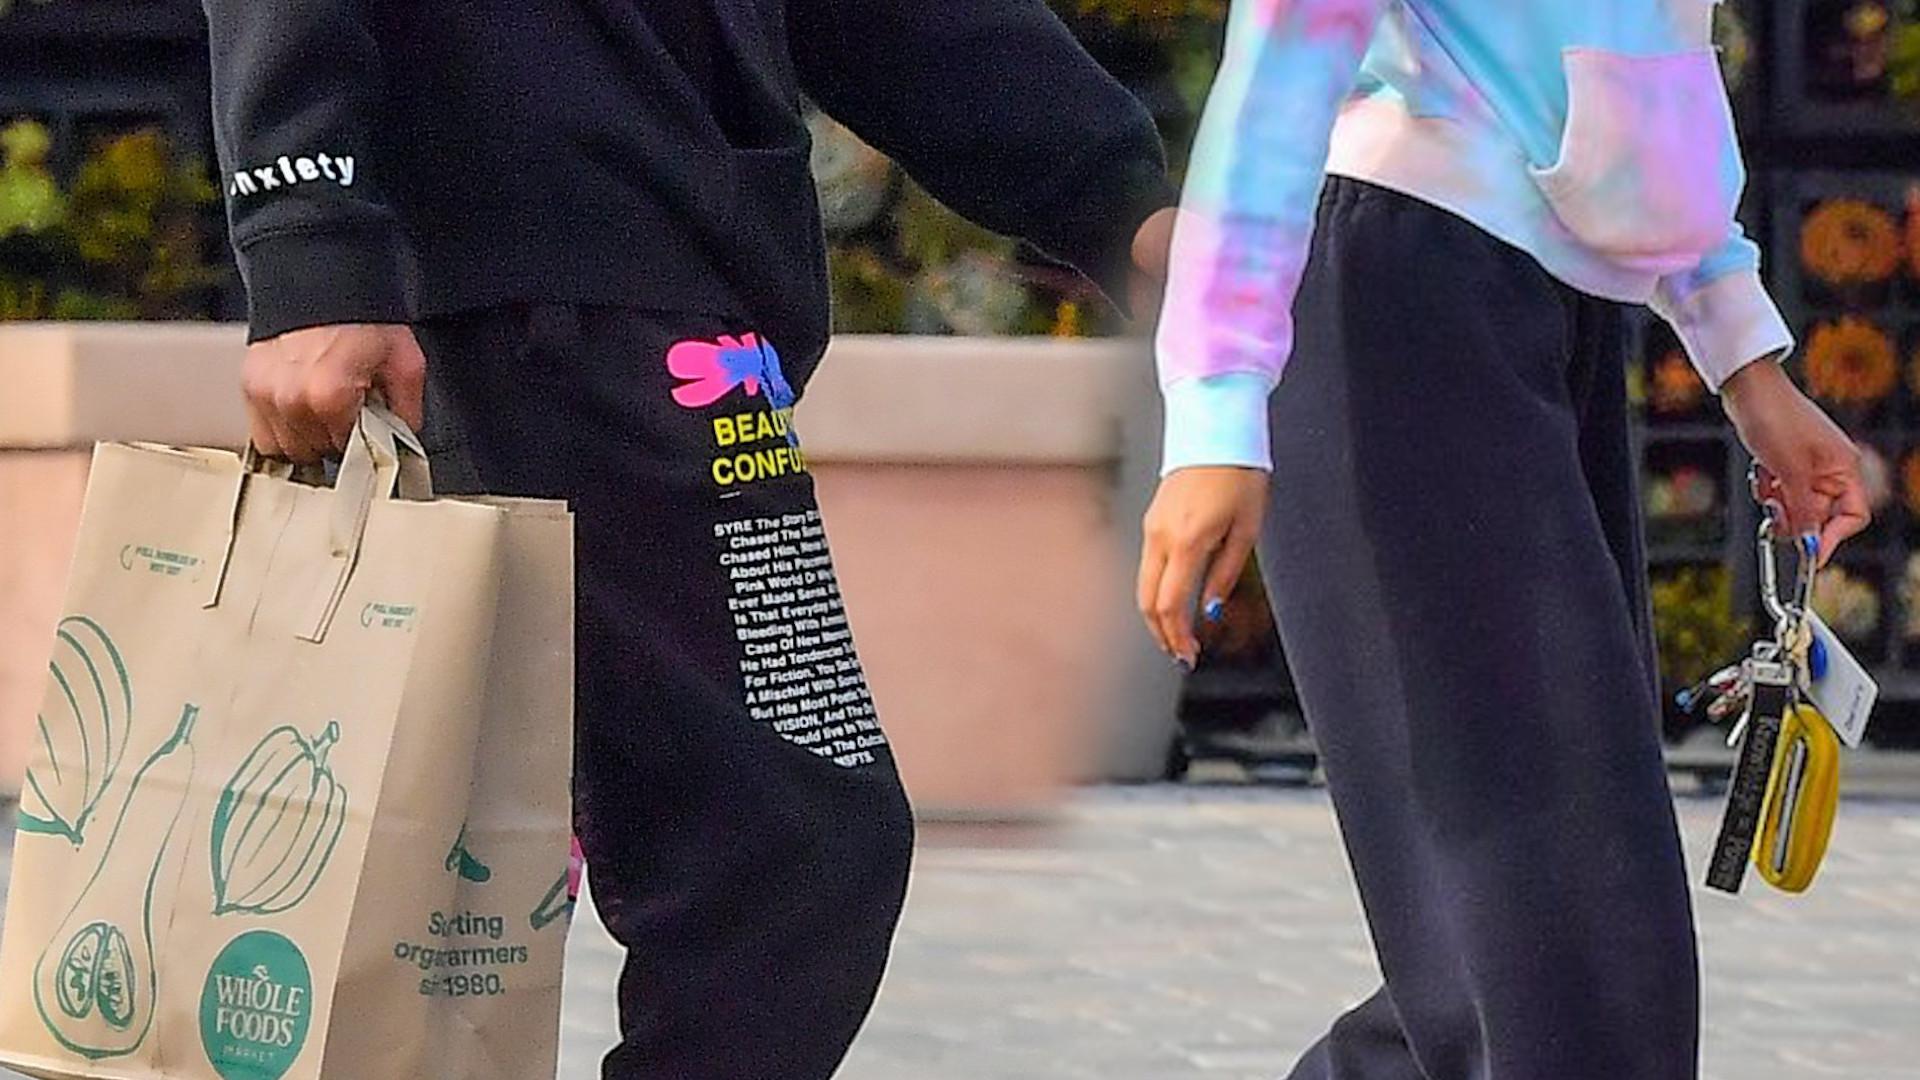 Łysa Willow Smith na zakupach z chłopakiem (ZDJĘCIA)